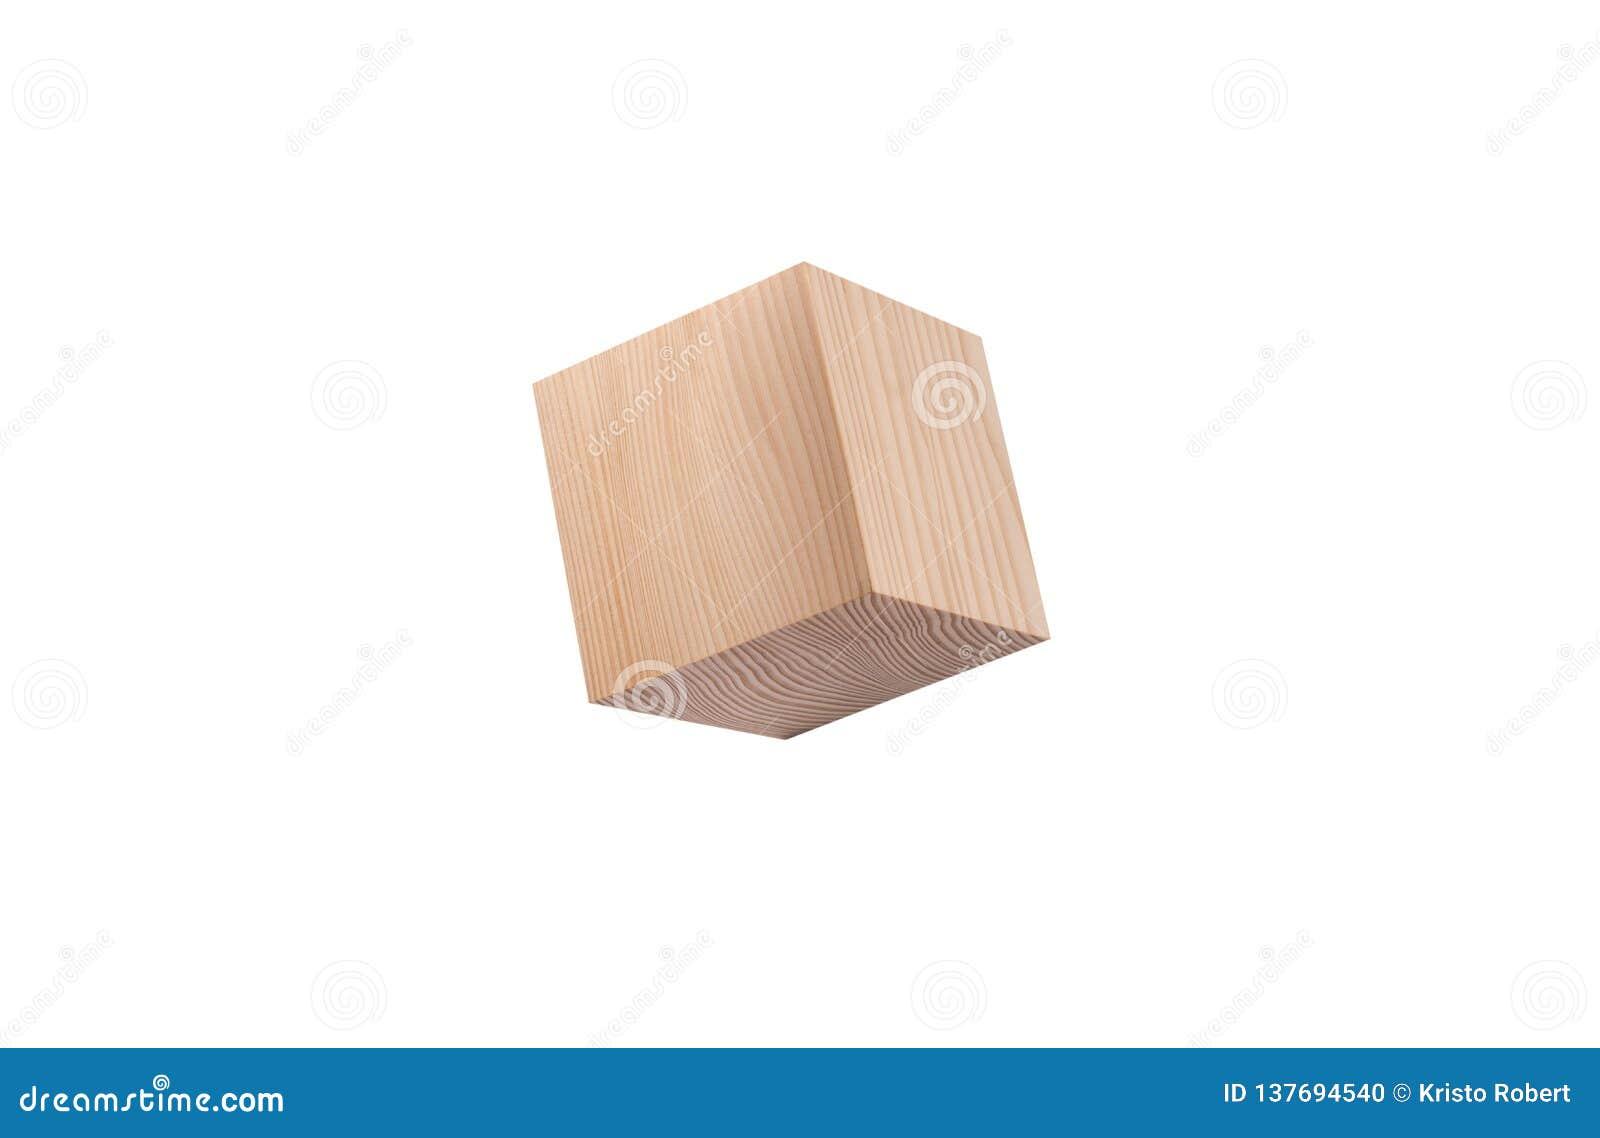 Pijnboom houten kubus